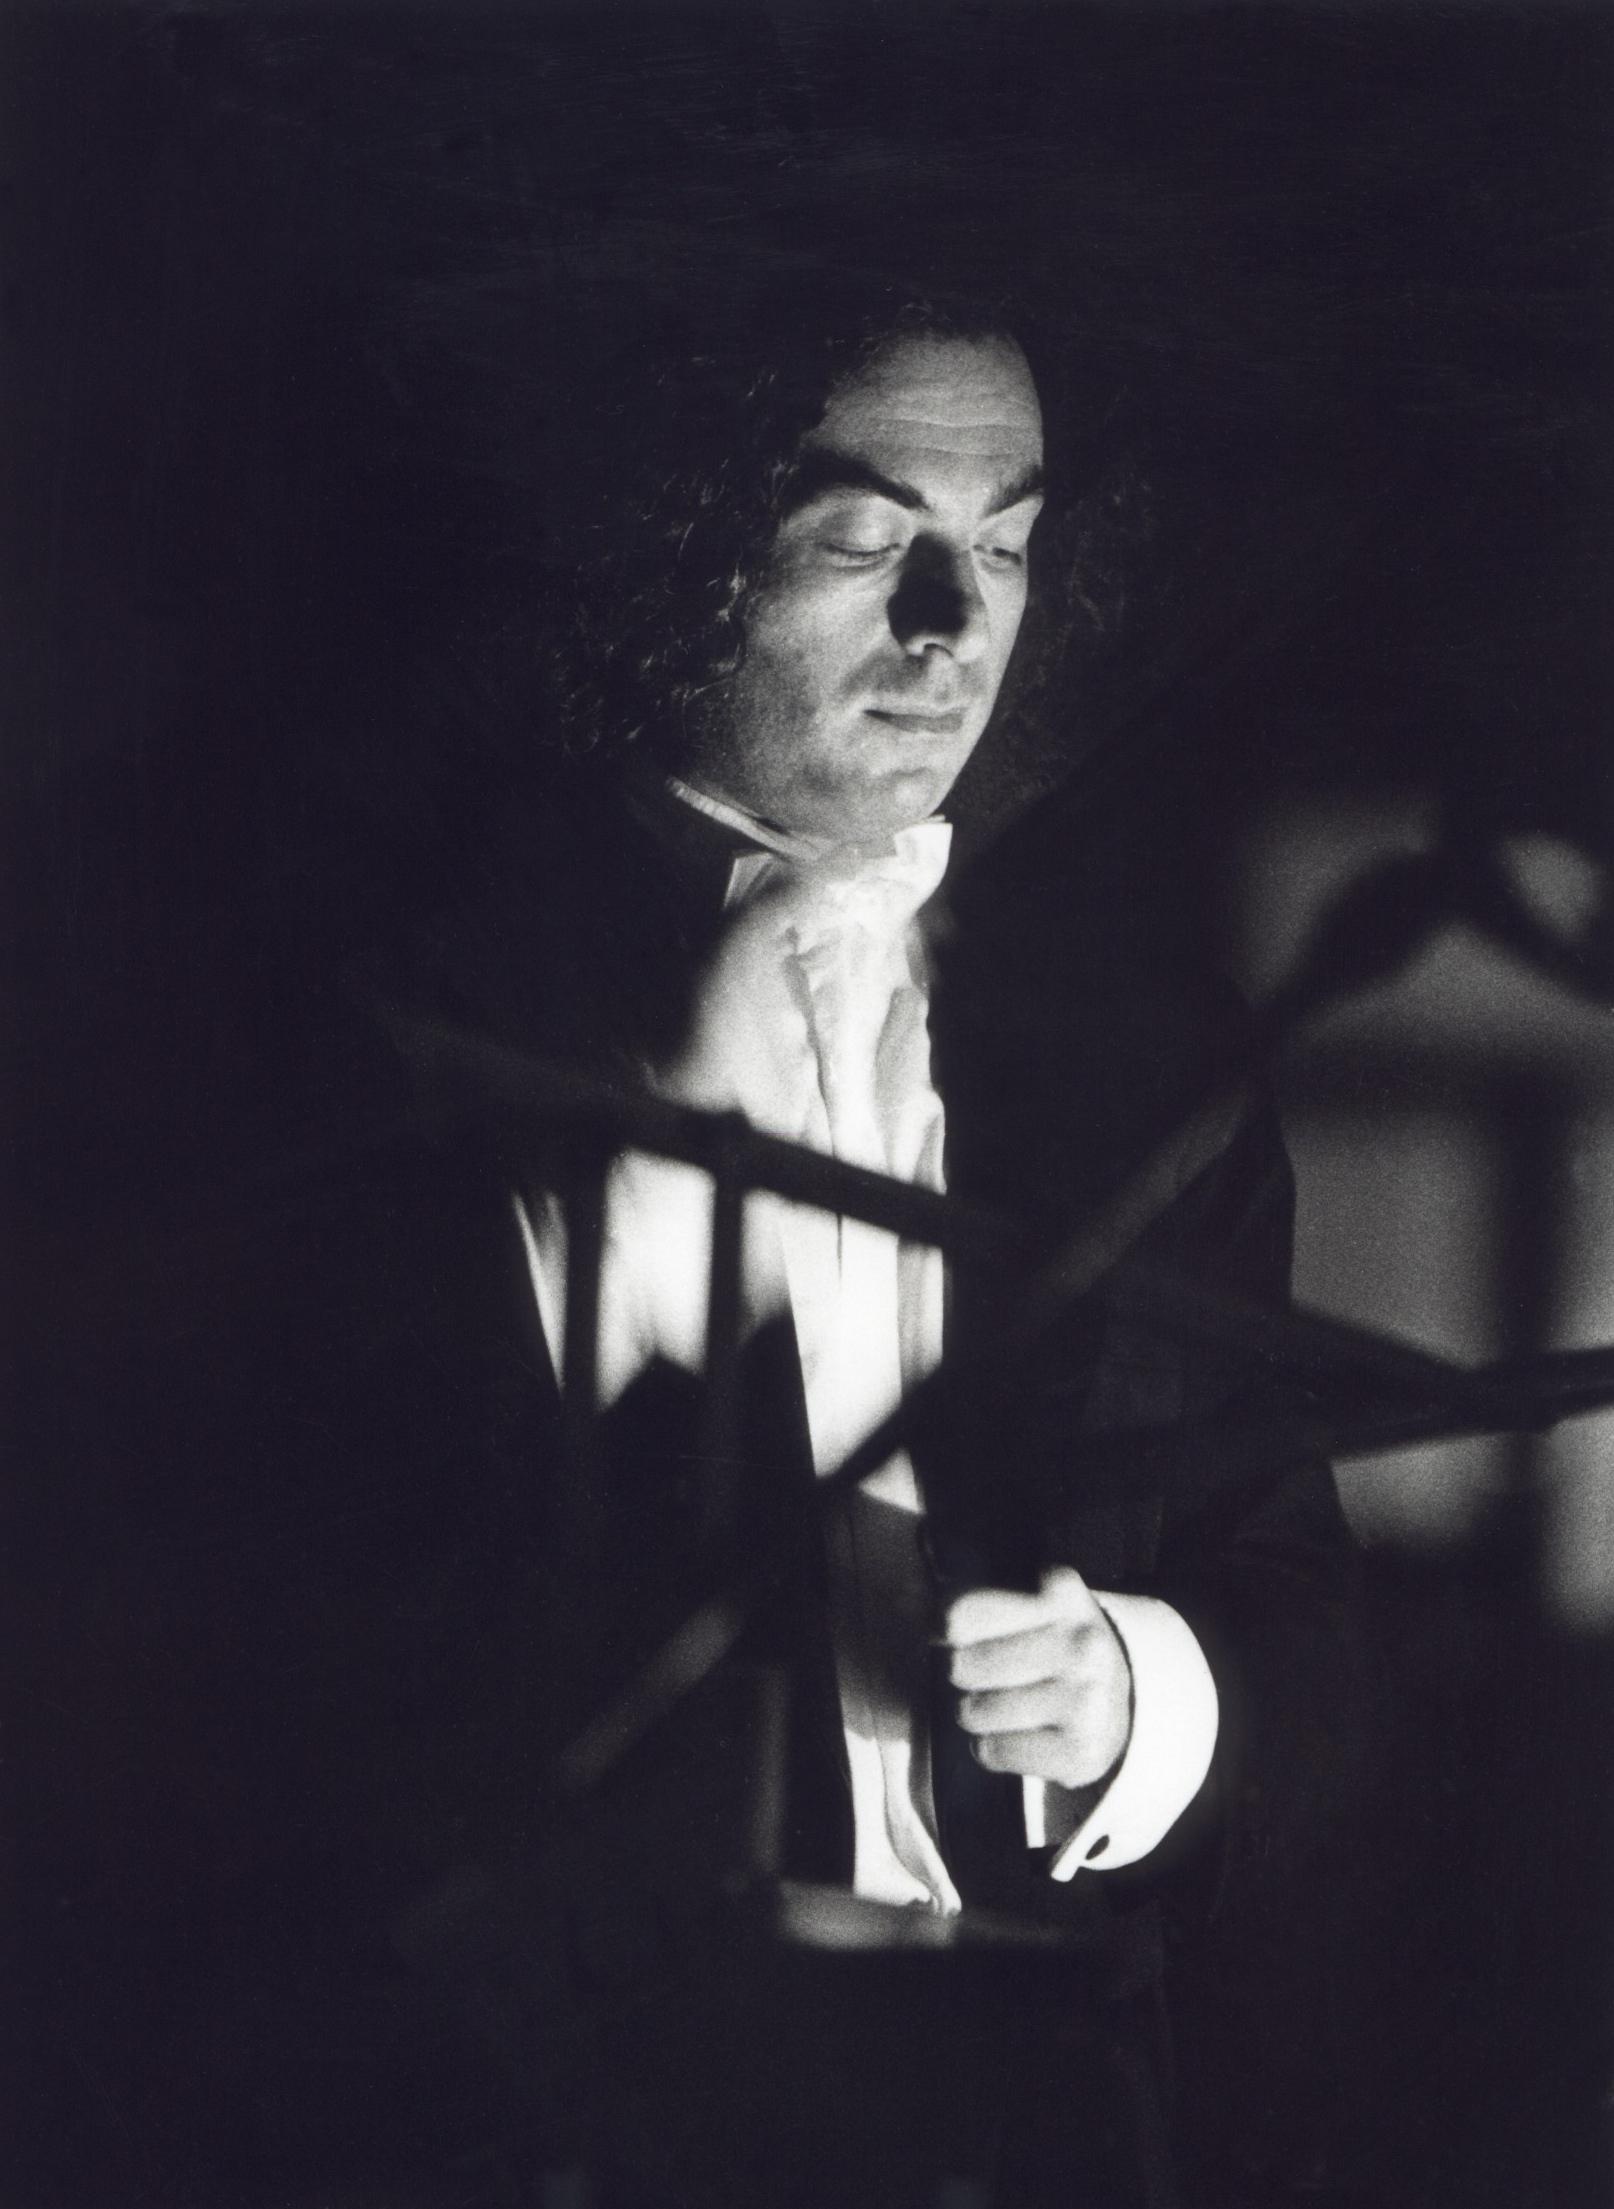 ALBERTO CAPRIOLI, ORCHESTRA DEL TEATRO COMUNALE DI BOLOGNA. BOLOGNA, PIAZZA MAGGIORE, JULY 1998, PHOTO PRIMO GNANI